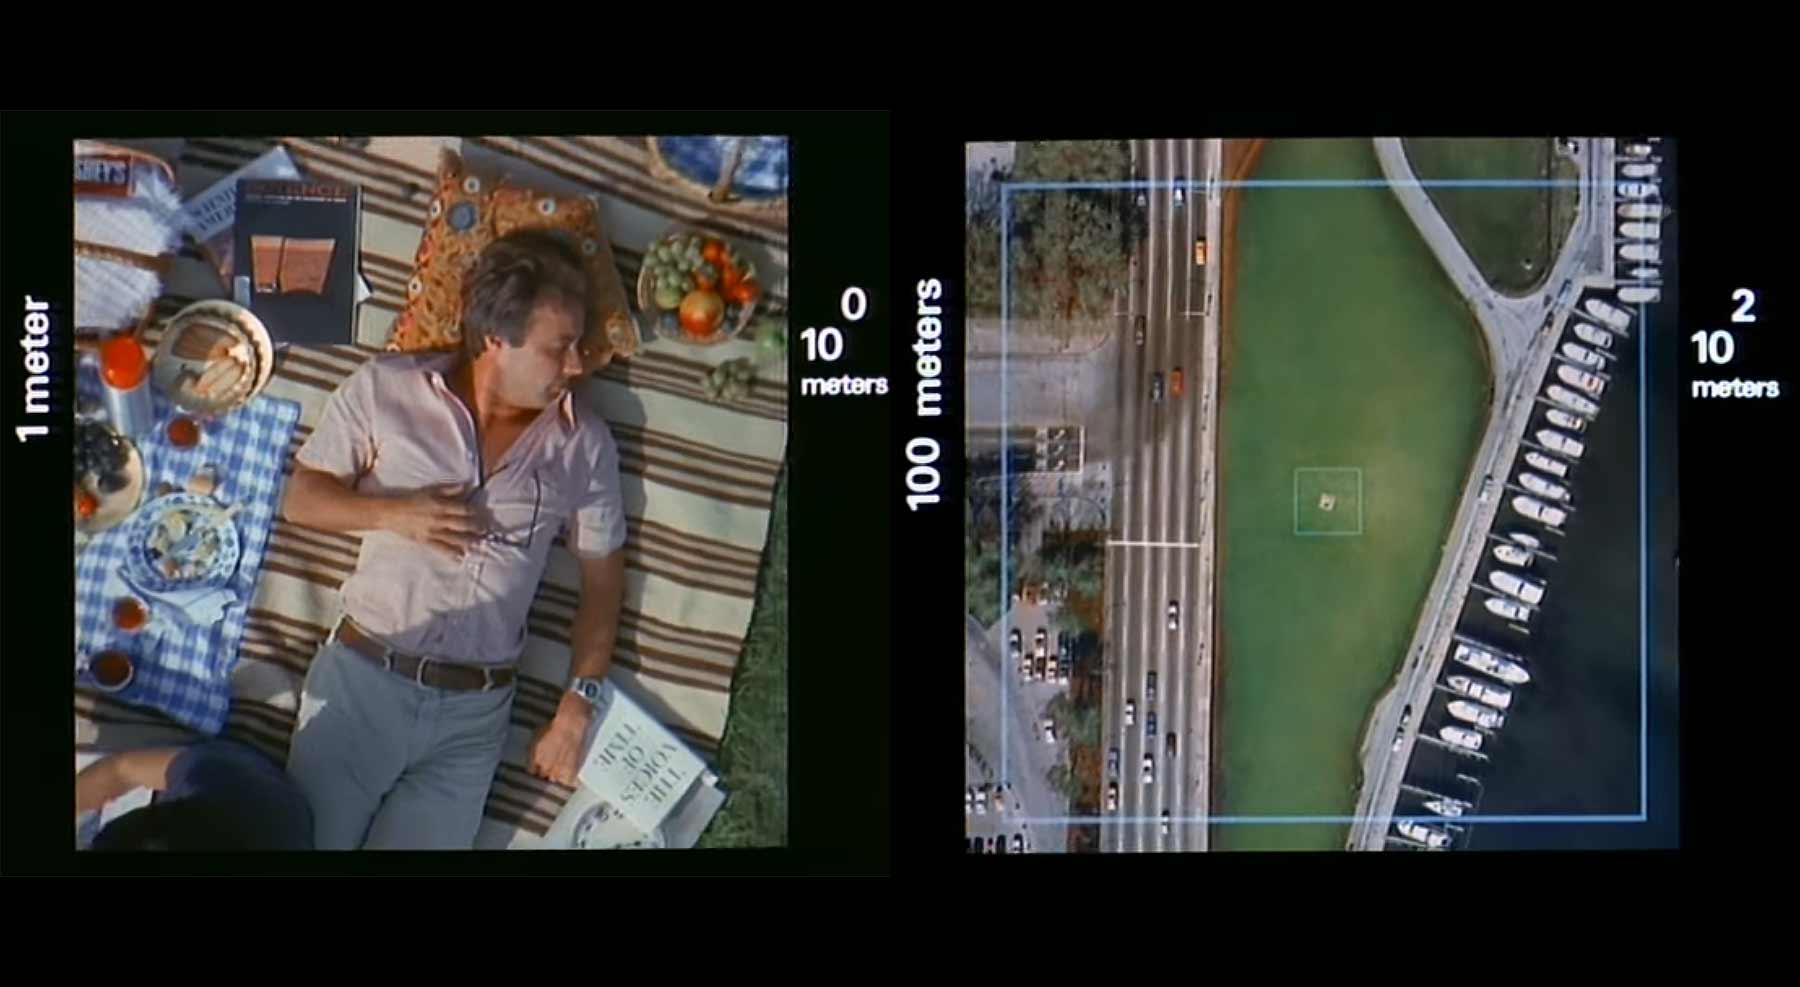 Dieser Film zoomt alle 10 Sekunden das Zehnfache raus powers-of-ten